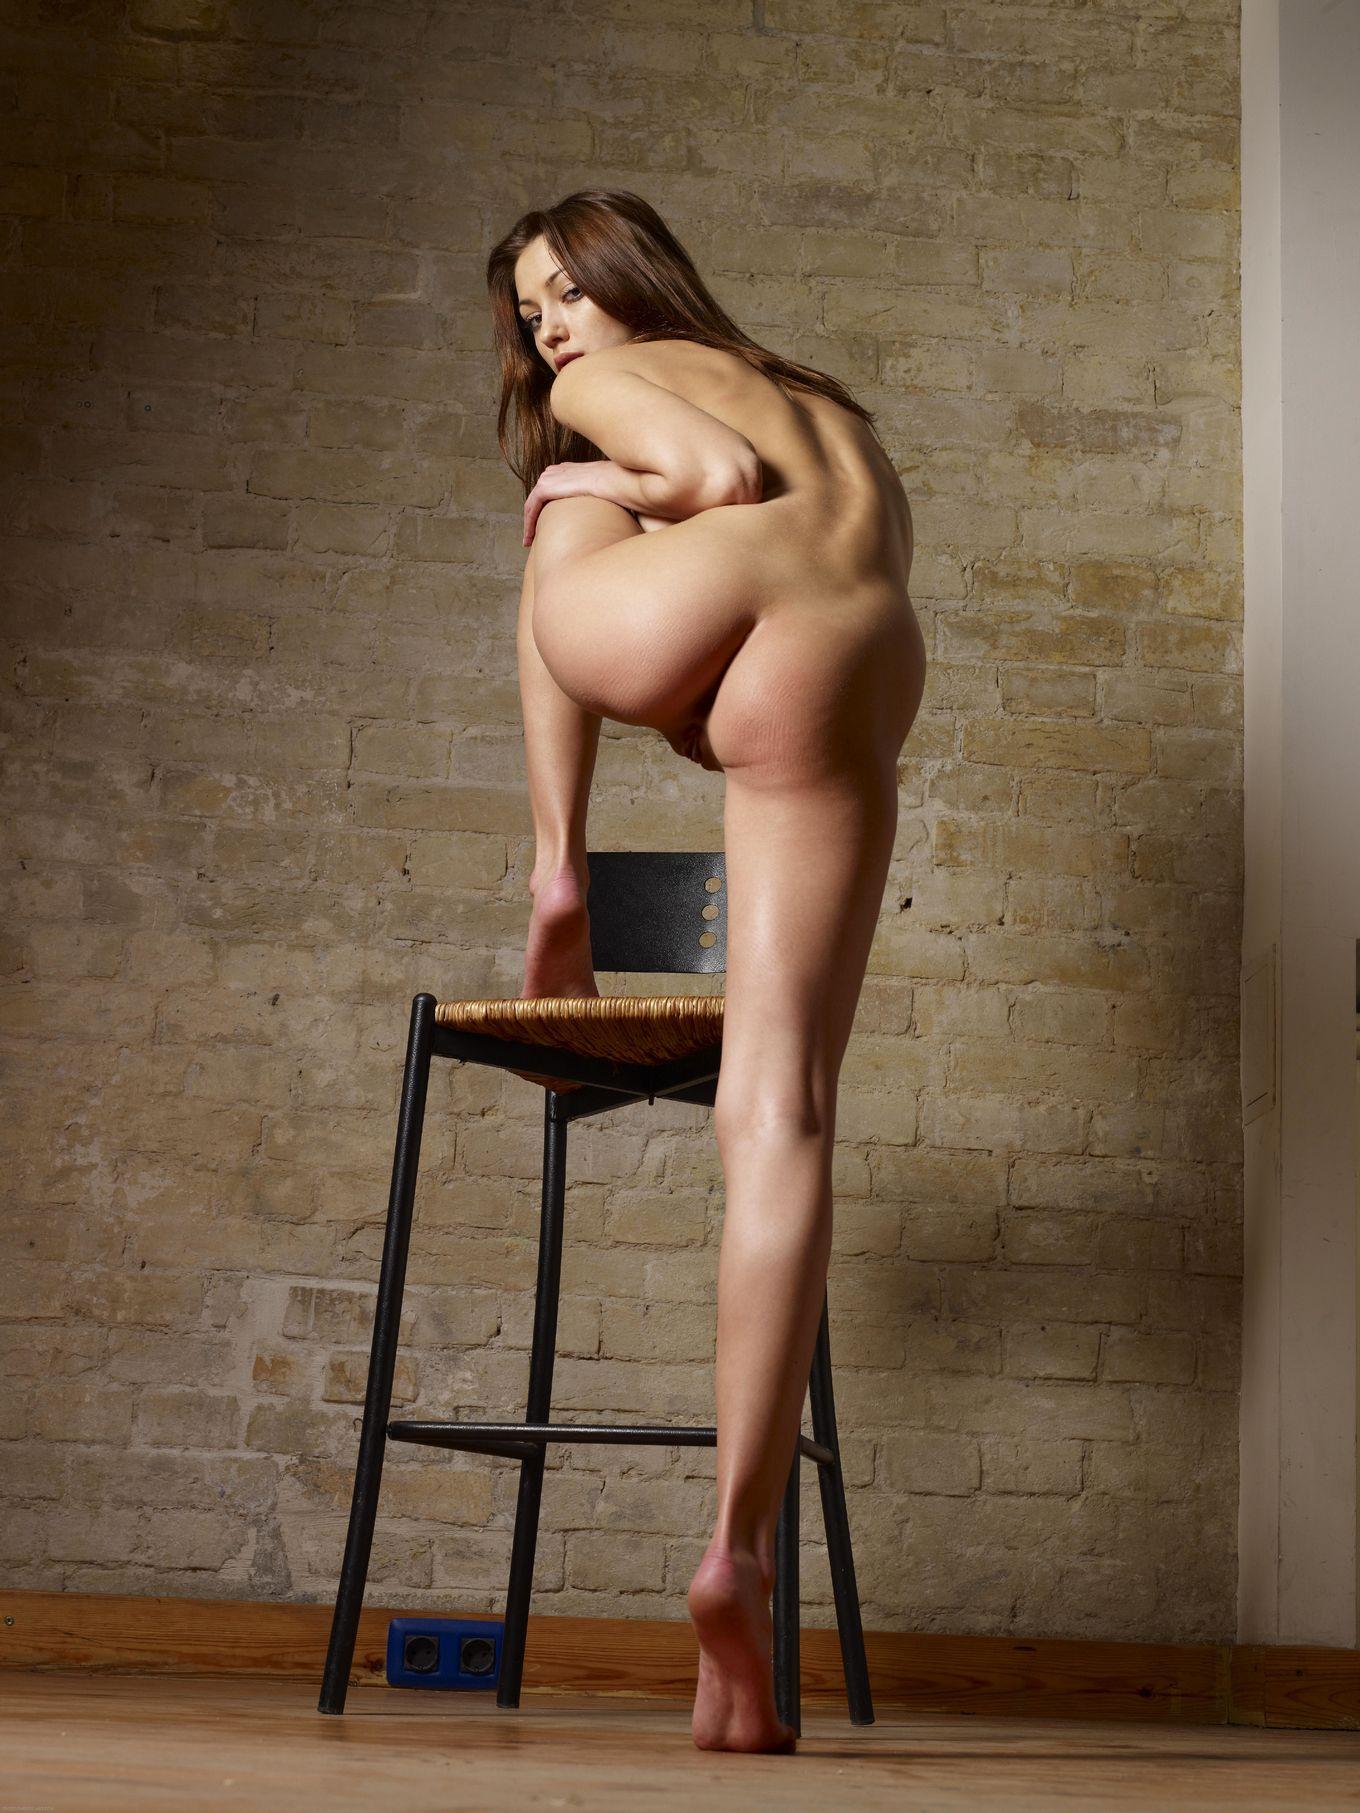 Милые супермодели с хорошенькими фигурами показывают свои прекрасные задницы